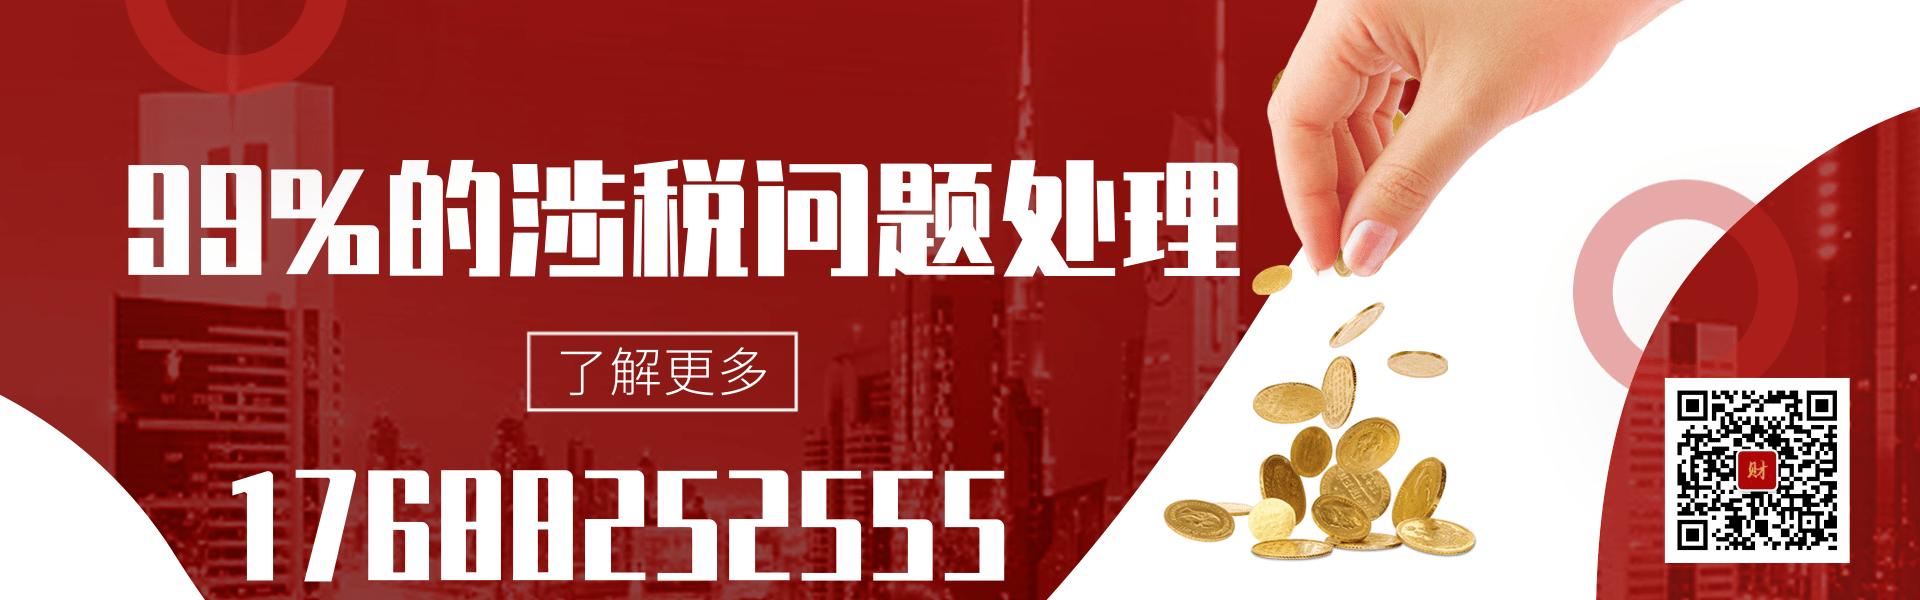 商务风金融安全大会邀请函banner@凡科快图 (1).png